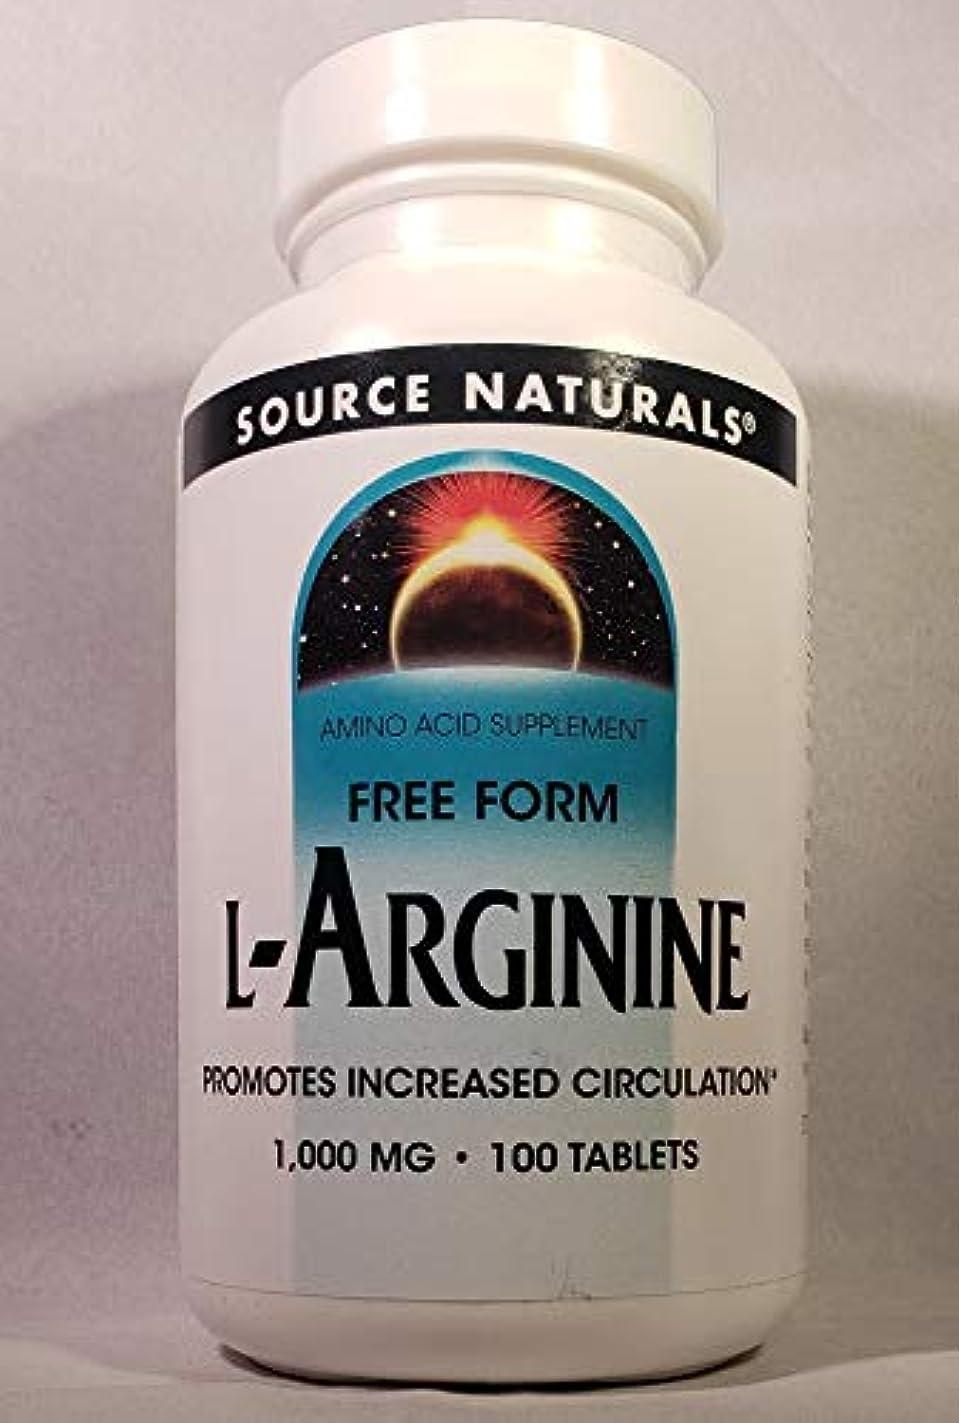 小屋で波紋Source Naturals - Lアルギニン自由形式の 1000 mg。100錠剤